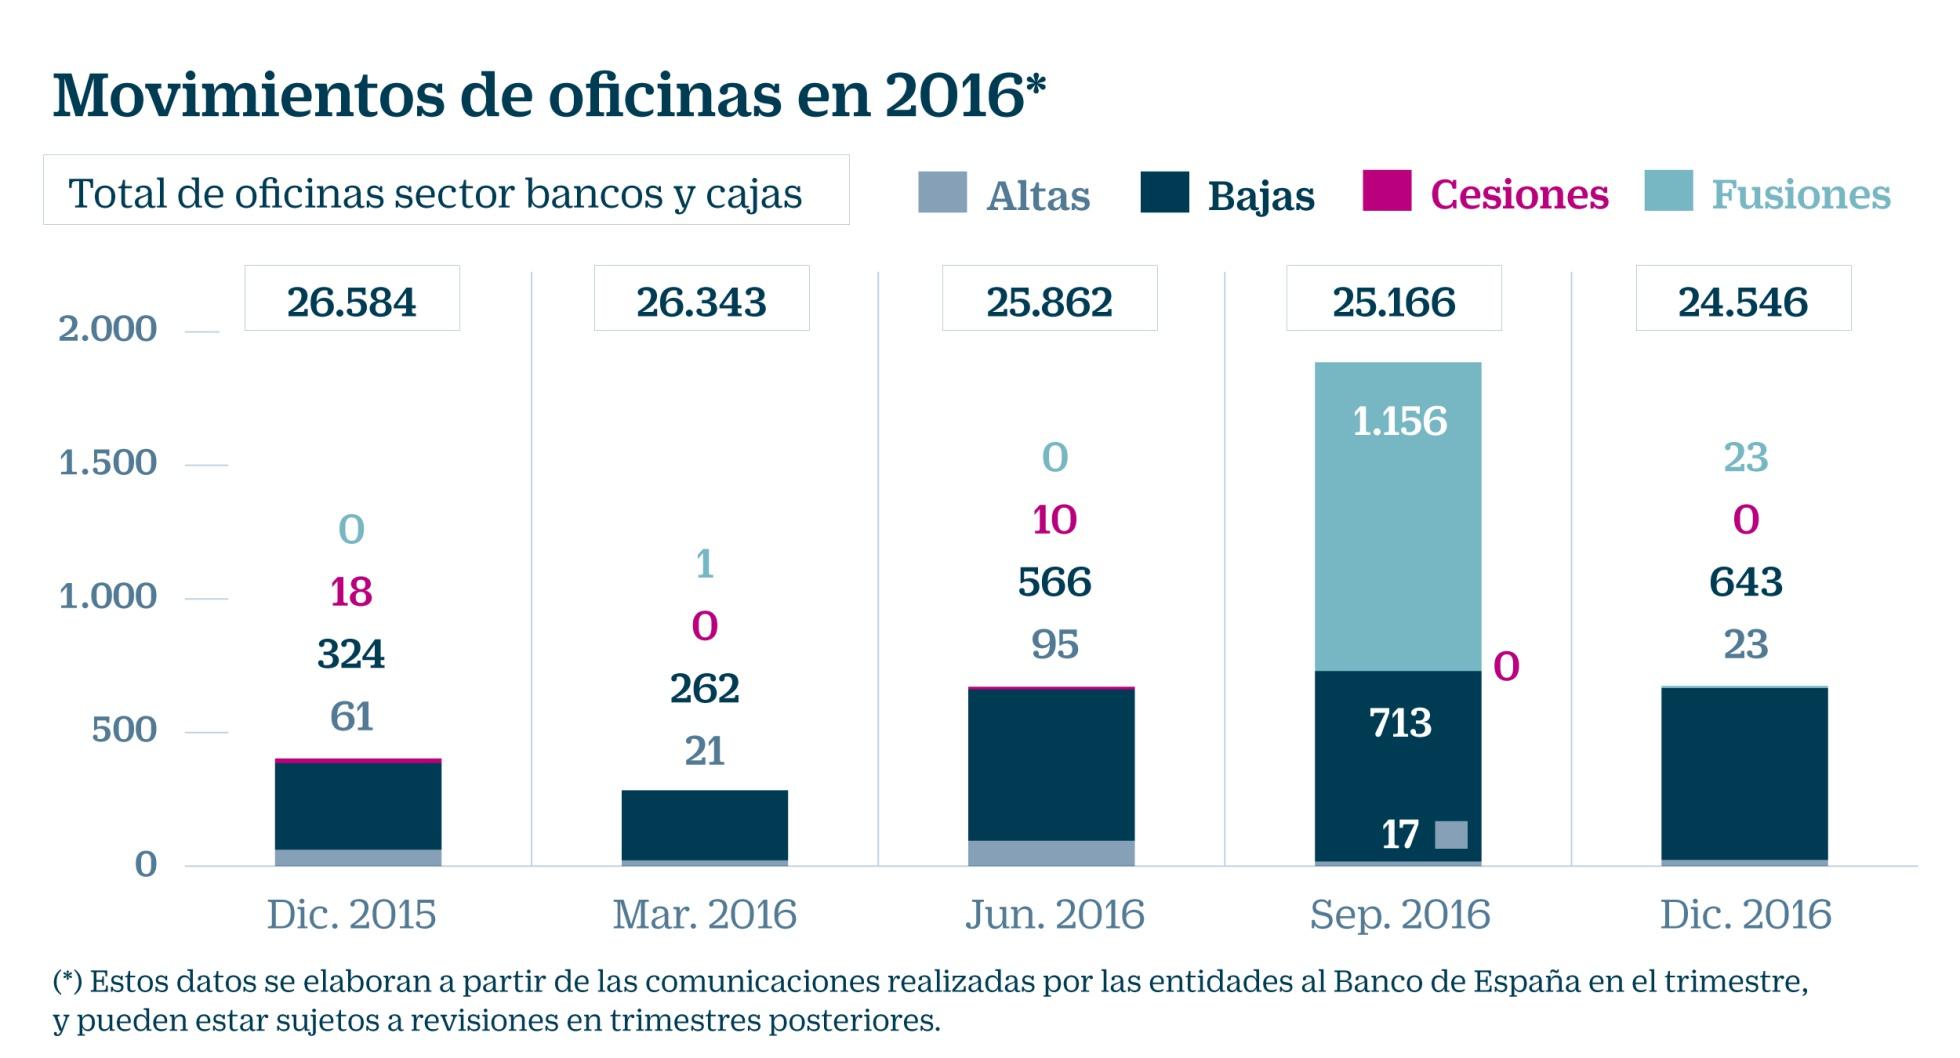 Negocio de la banca en España. El gobierno avala a la banca privada por otros 100.000 millones. Cooperación sindical.  - Página 8 1493062208_116787_1493122172_noticia_normal_recorte1